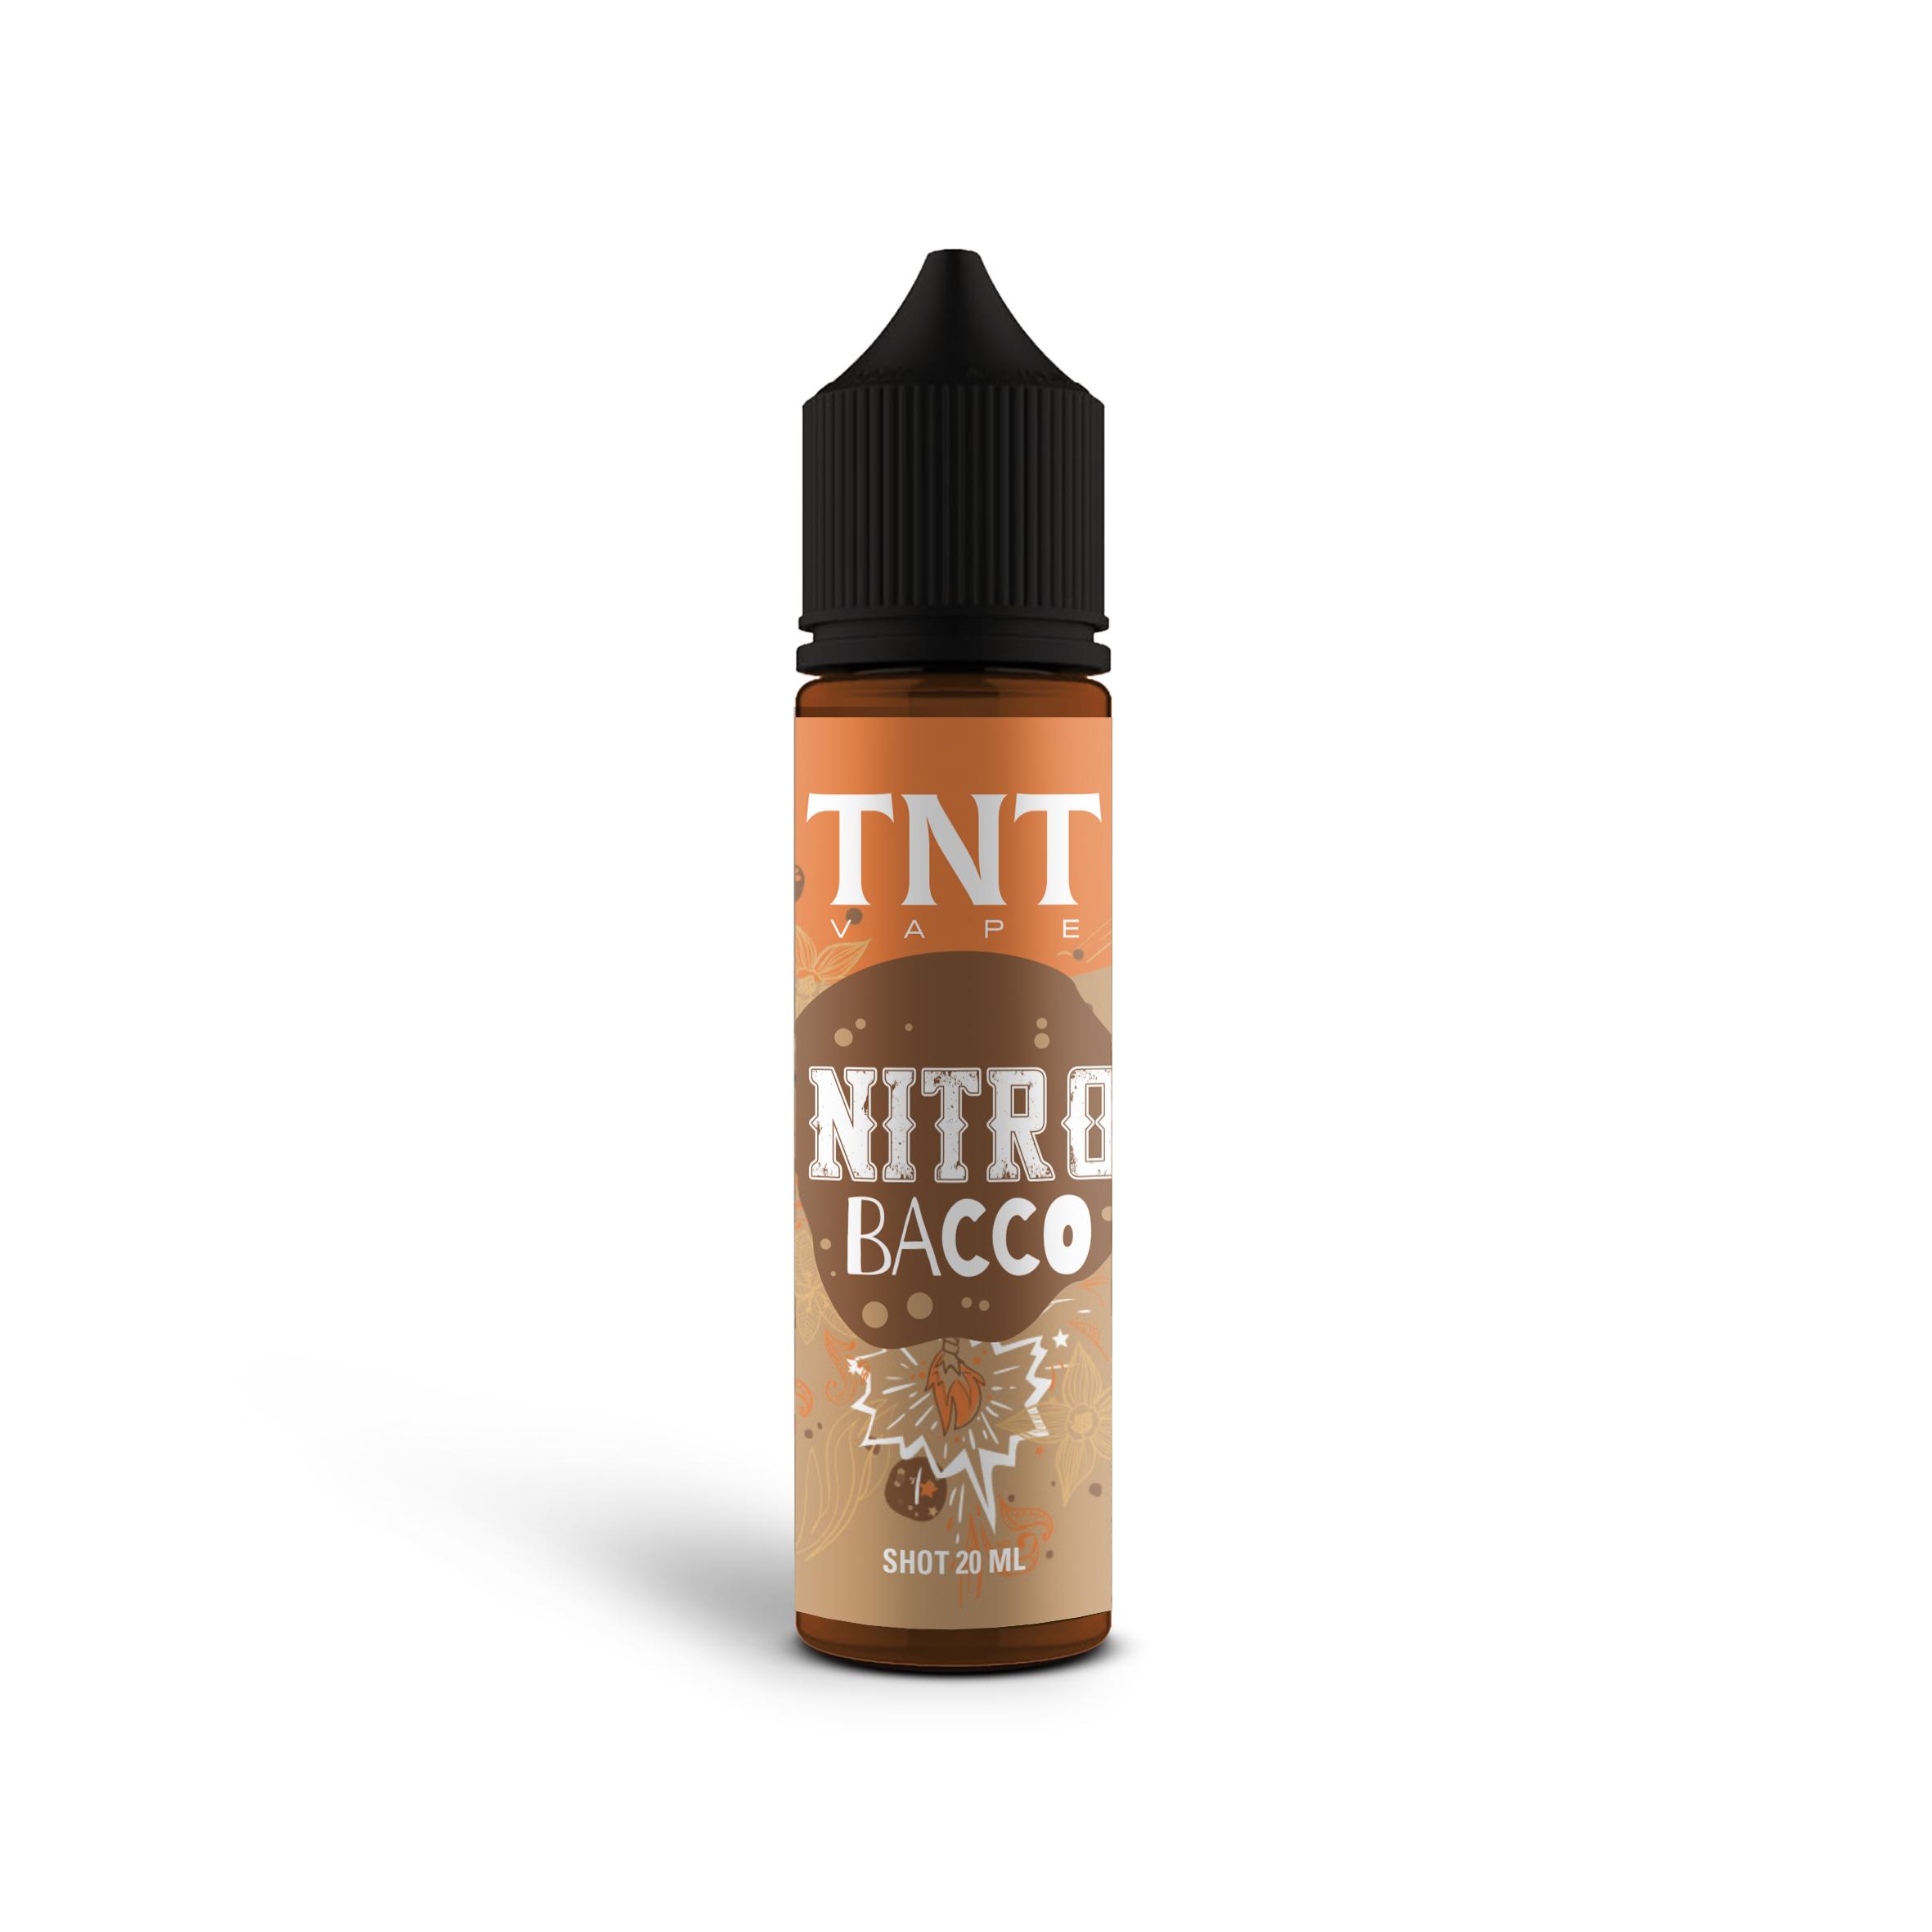 Tnt Vape Nitro Bacco Aroma Istantaneo 20ml